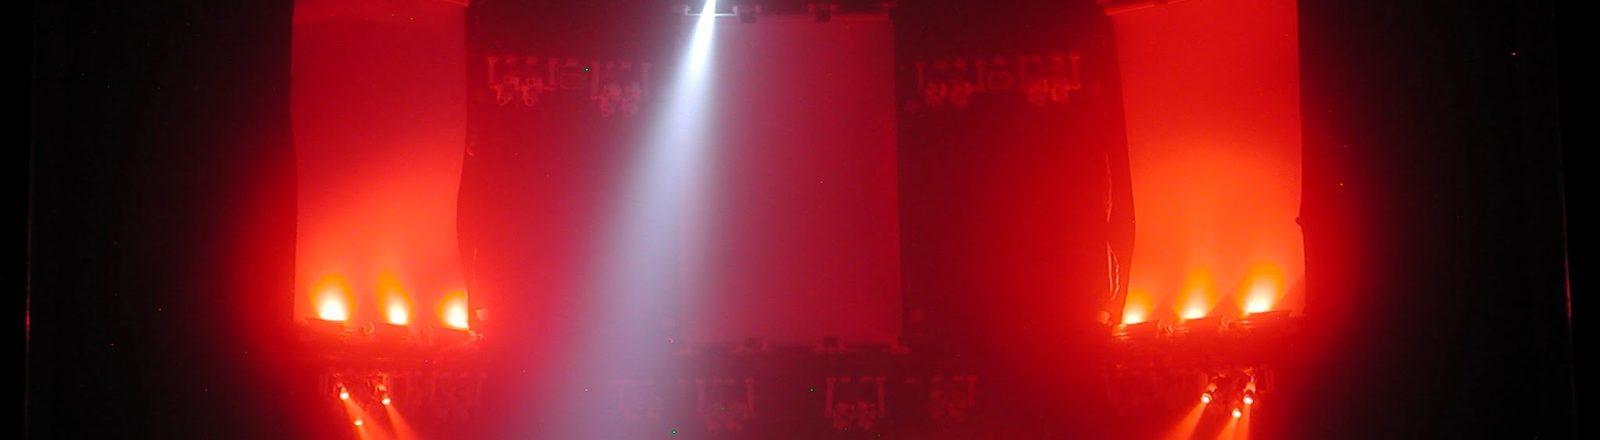 Премьера «Кармен» в концертном зале музея Скрябина.